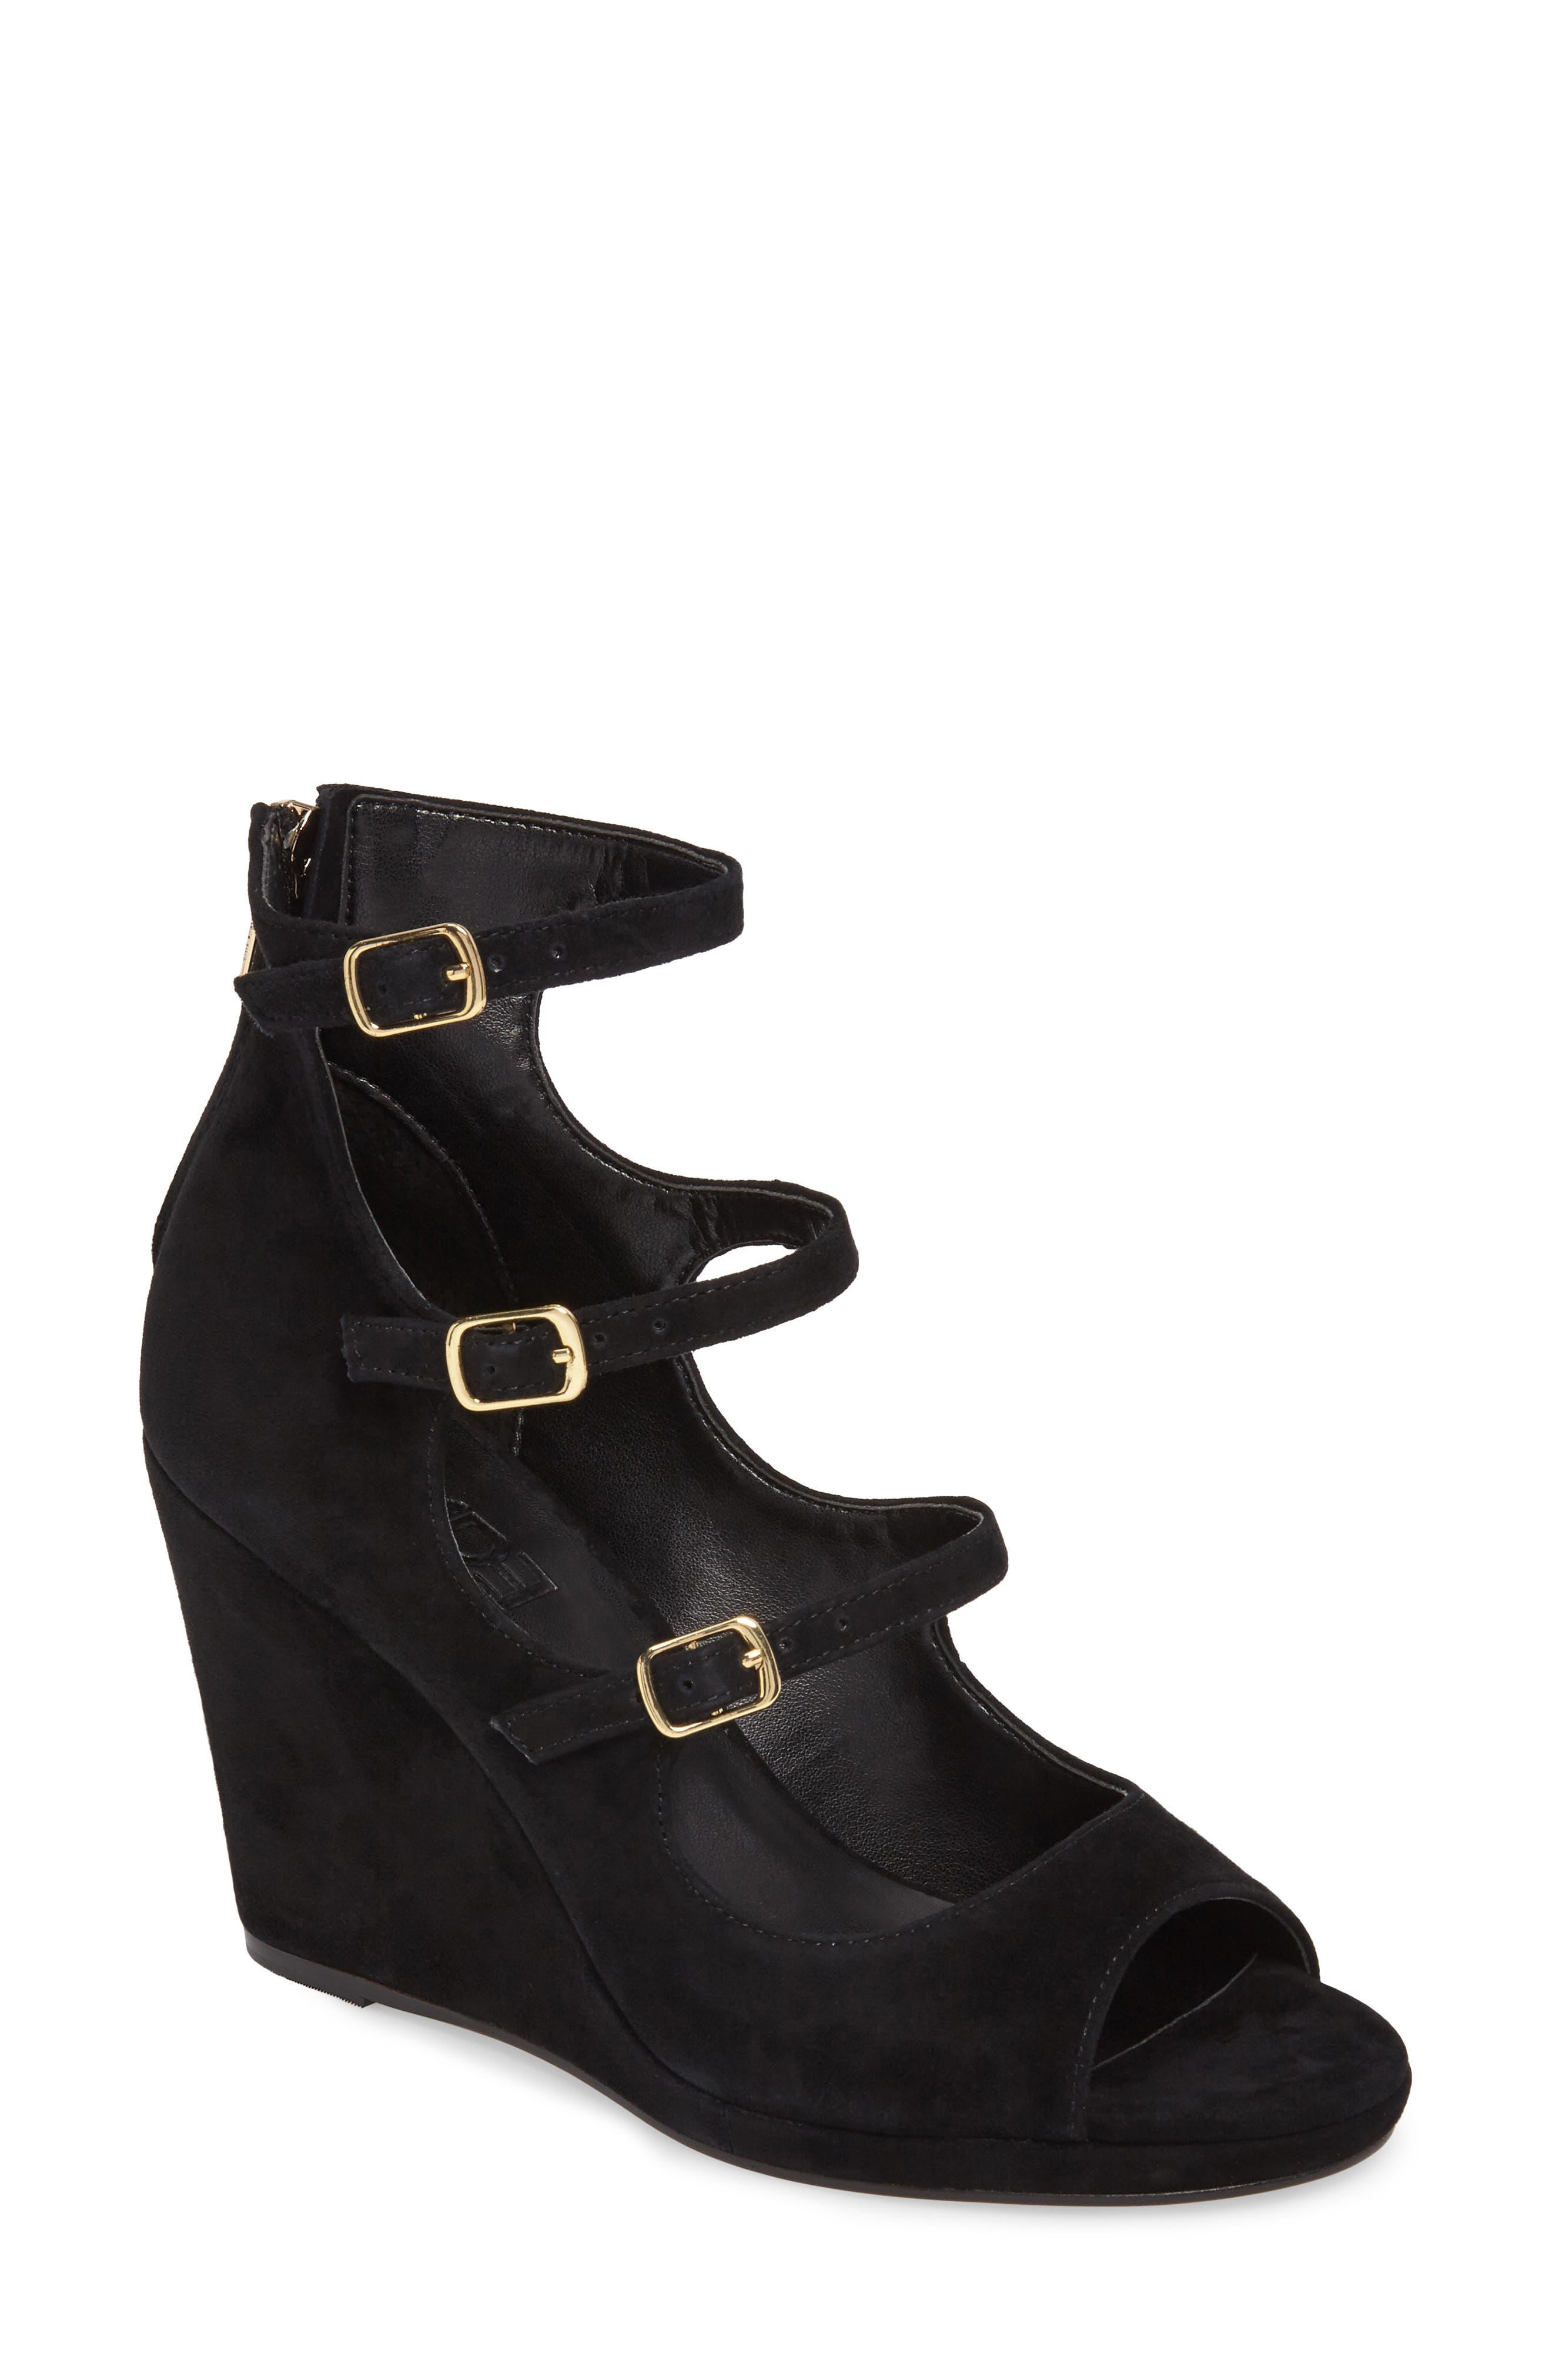 M4D3 Affair Cage Sandal,                         Main,                         color, Black Leather